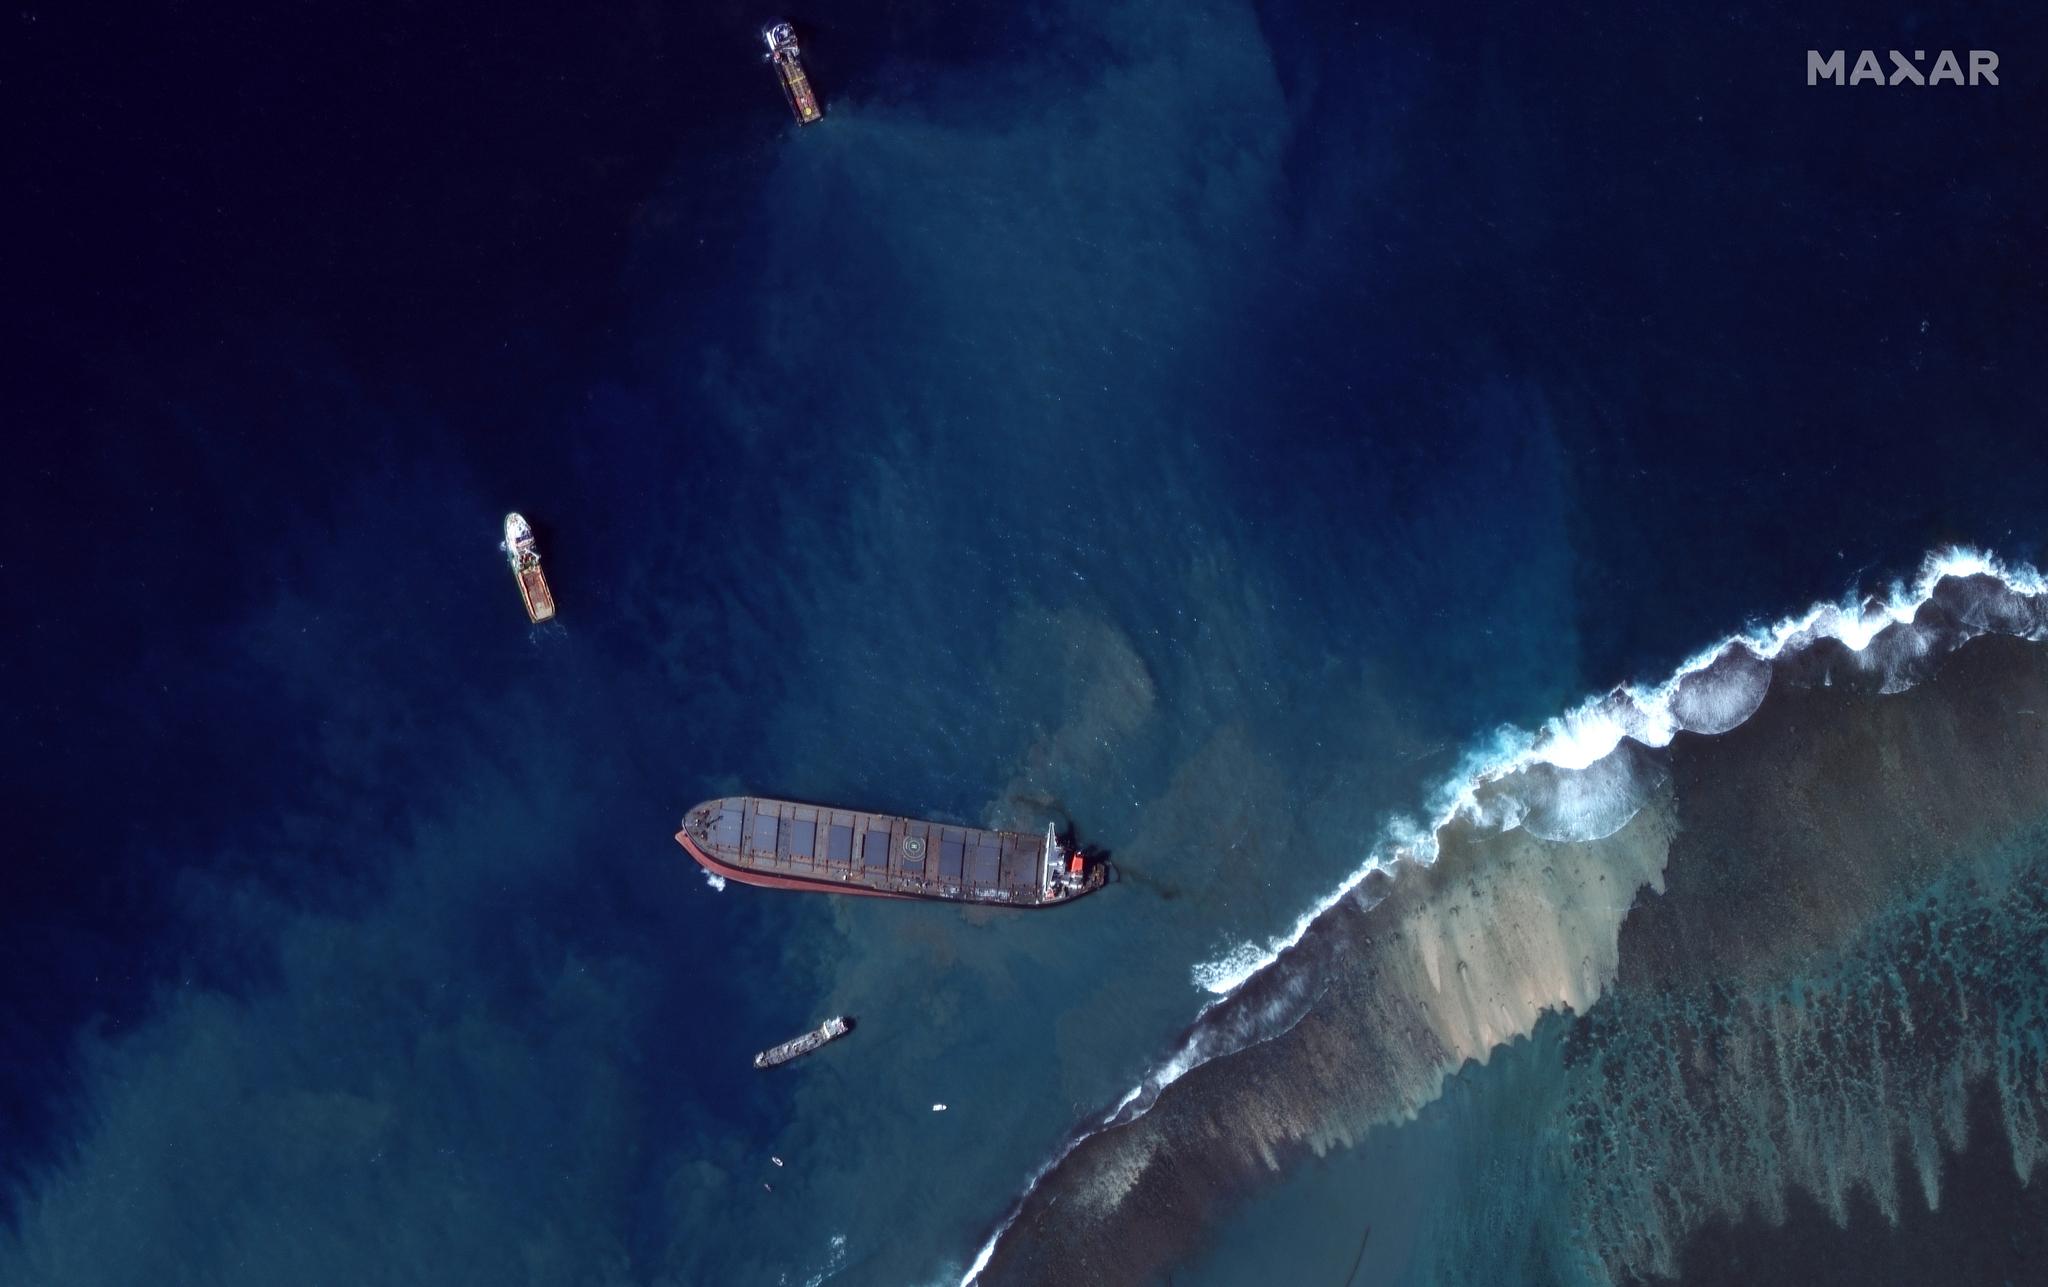 지난 8월 12일 아프리카 섬나라 모리셔스 연안에 좌초해 1000톤에 가까운 원유를 유출한 일본 선박 'MV 와카시오' 호의 모습. [로이터=연합뉴스]